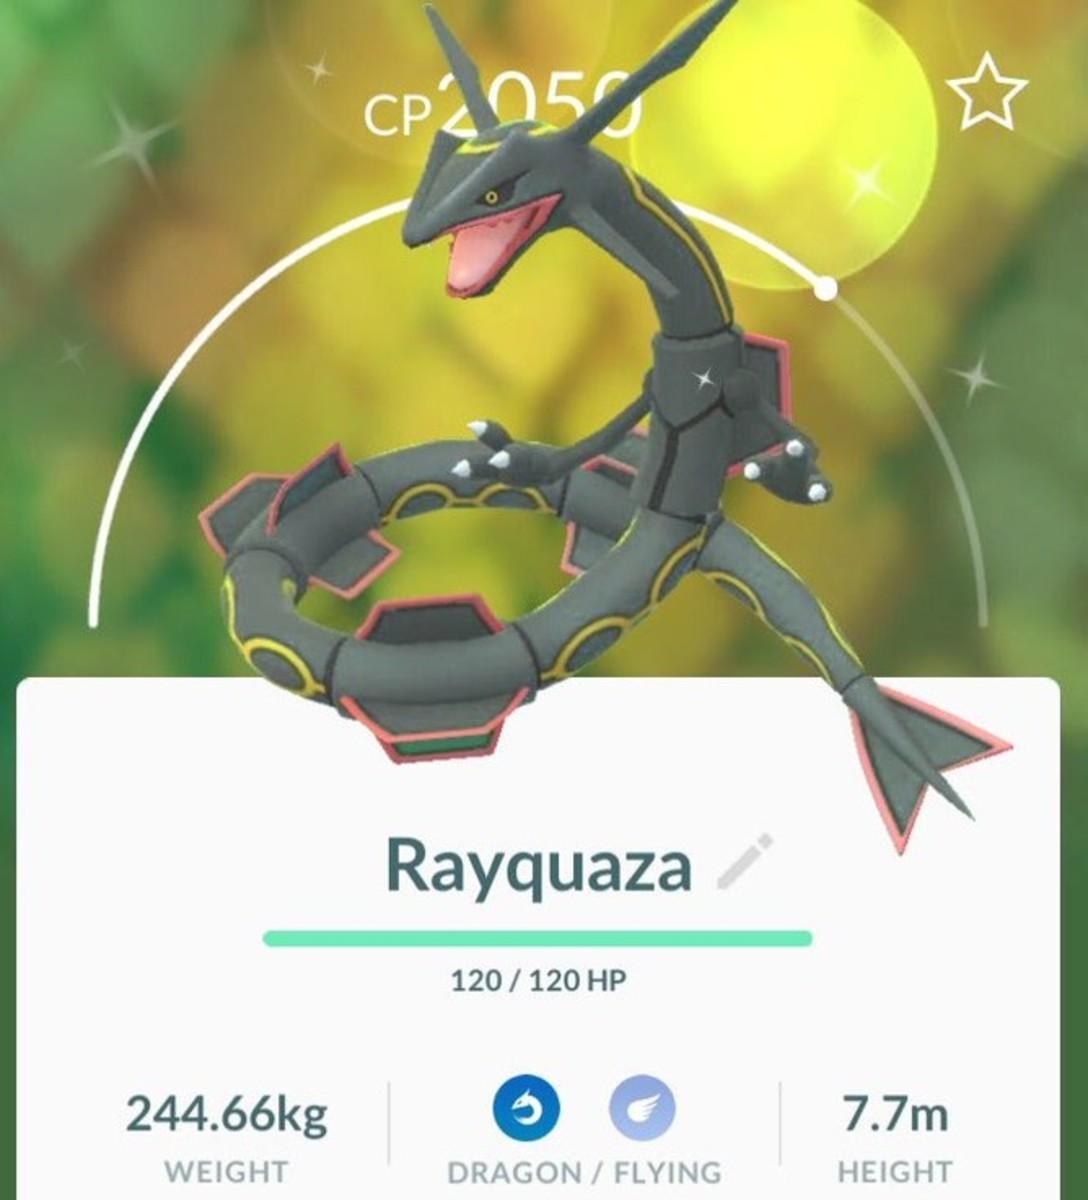 Shiny Rayquaza in Pokemon GO